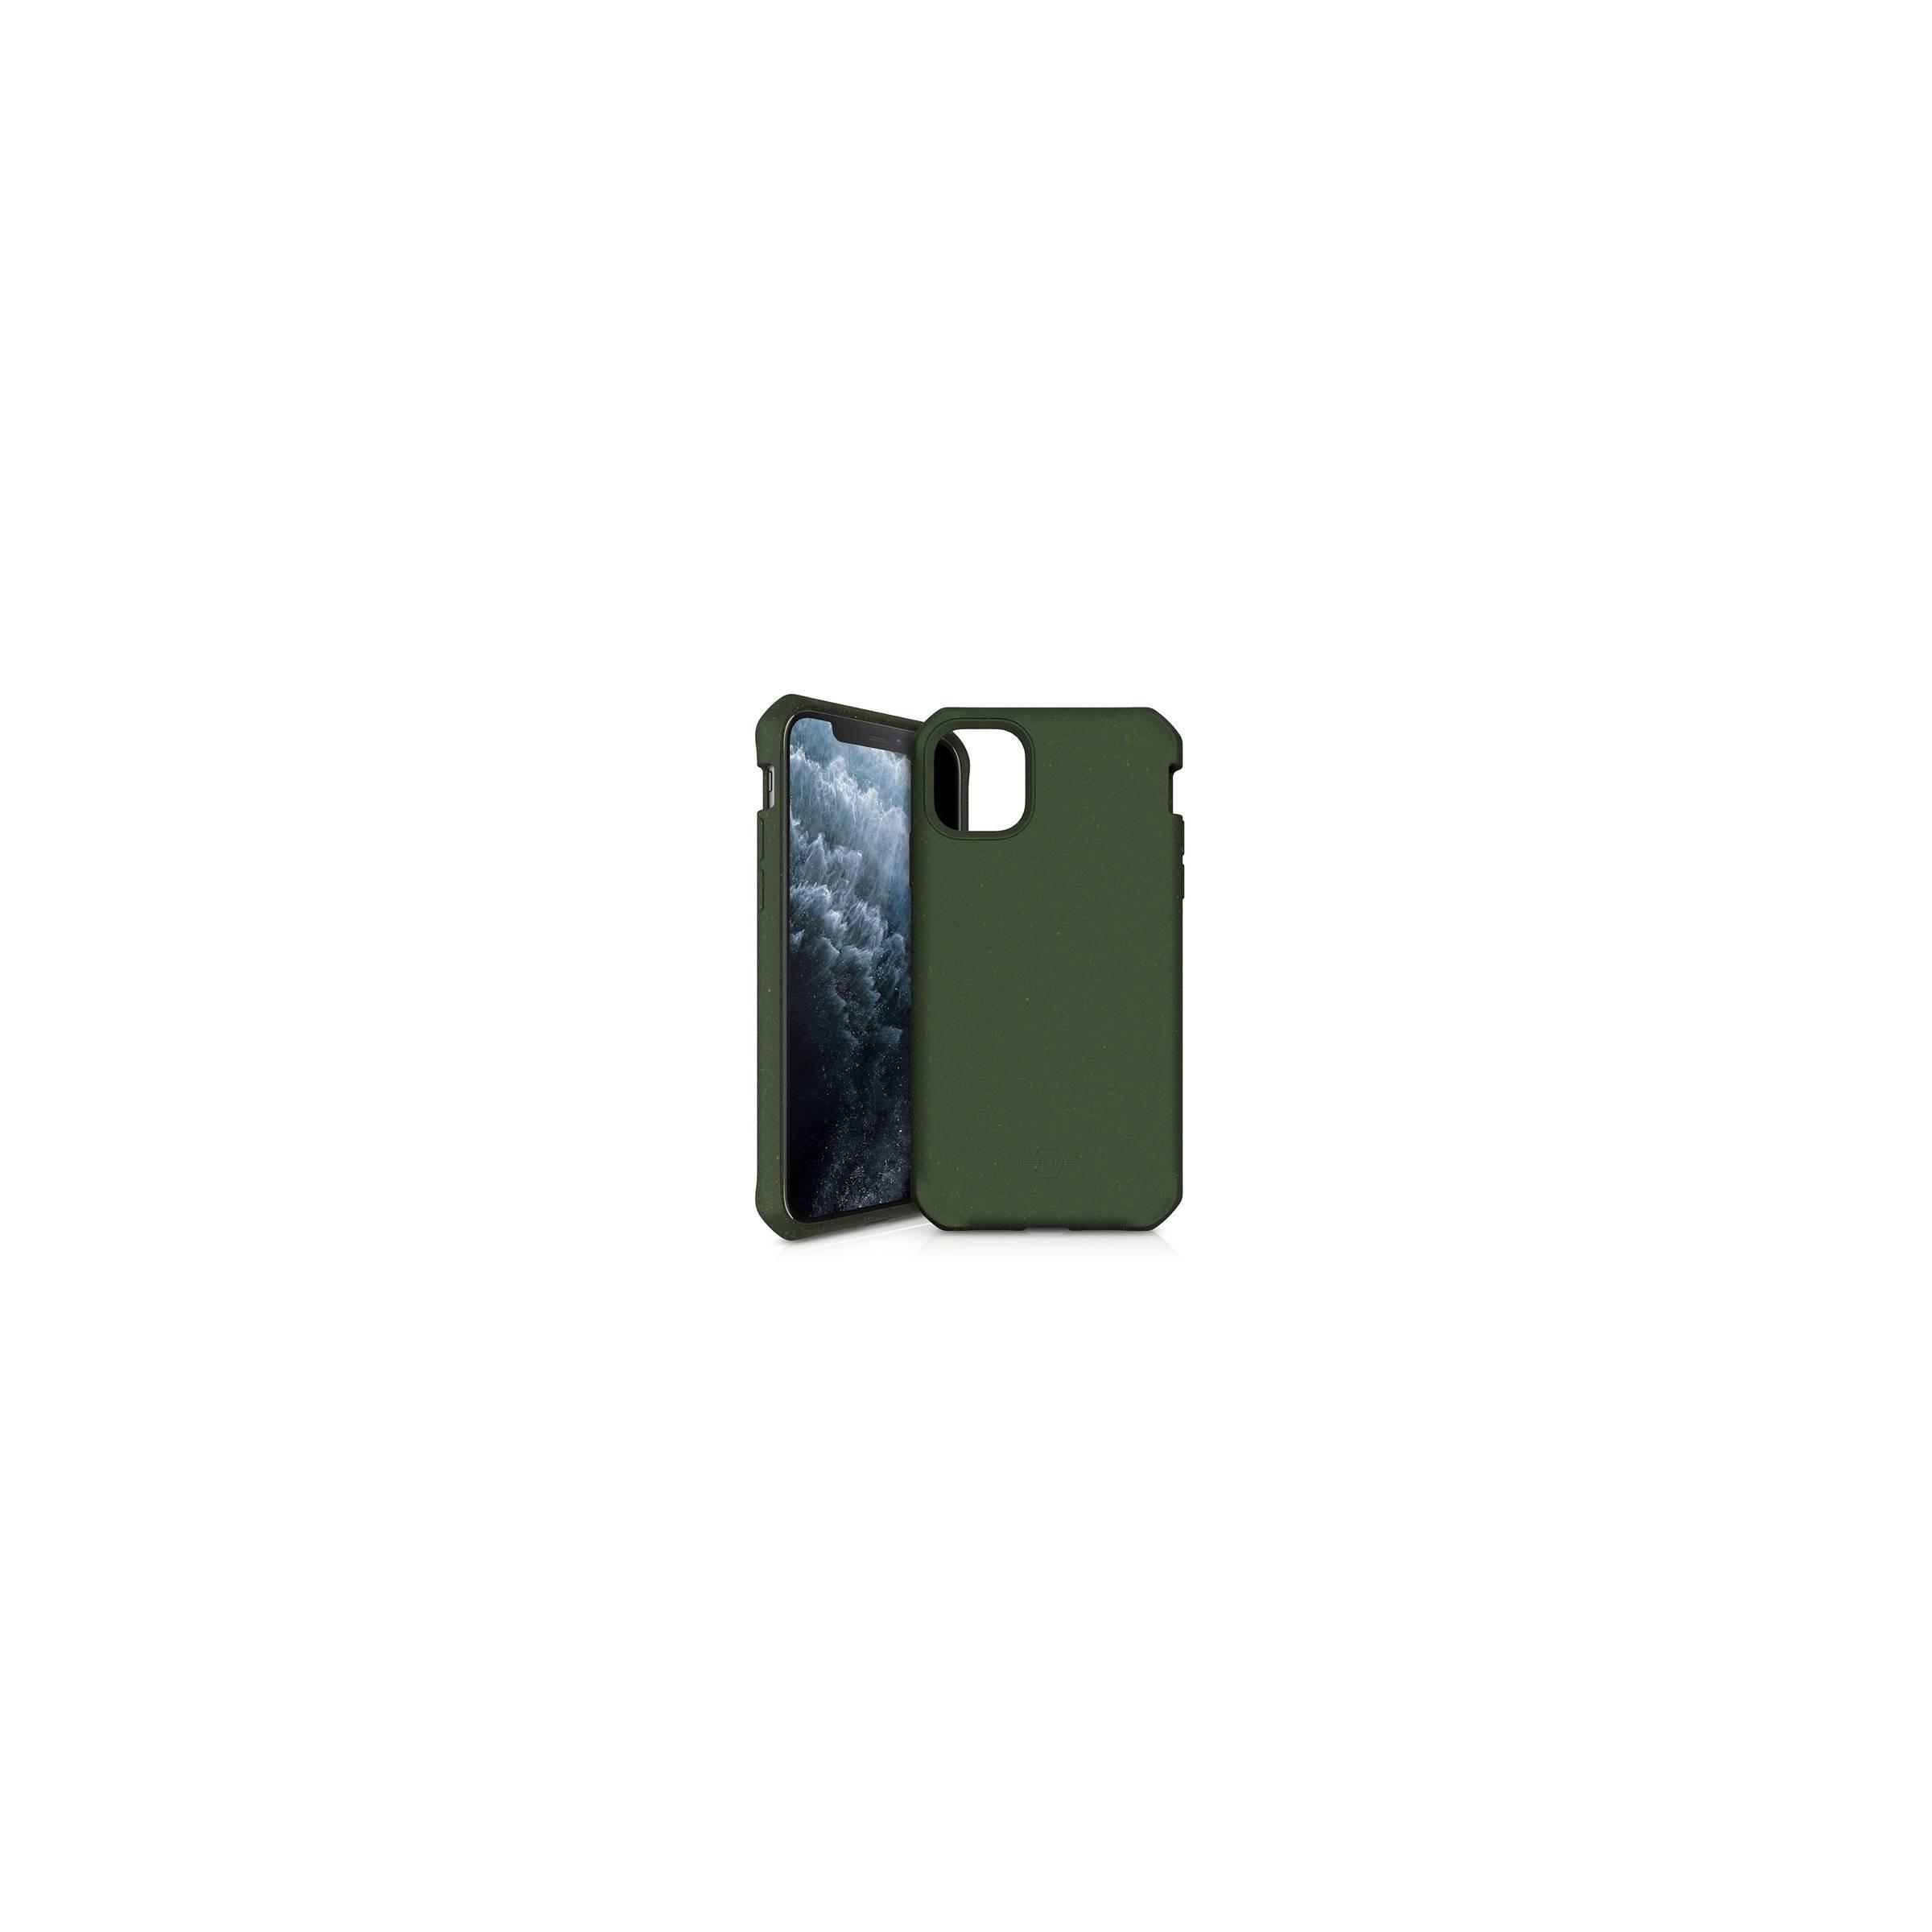 itskins Feroniabio bionedbrydeligt iphone 11 pro cover fra itskins på mackabler.dk